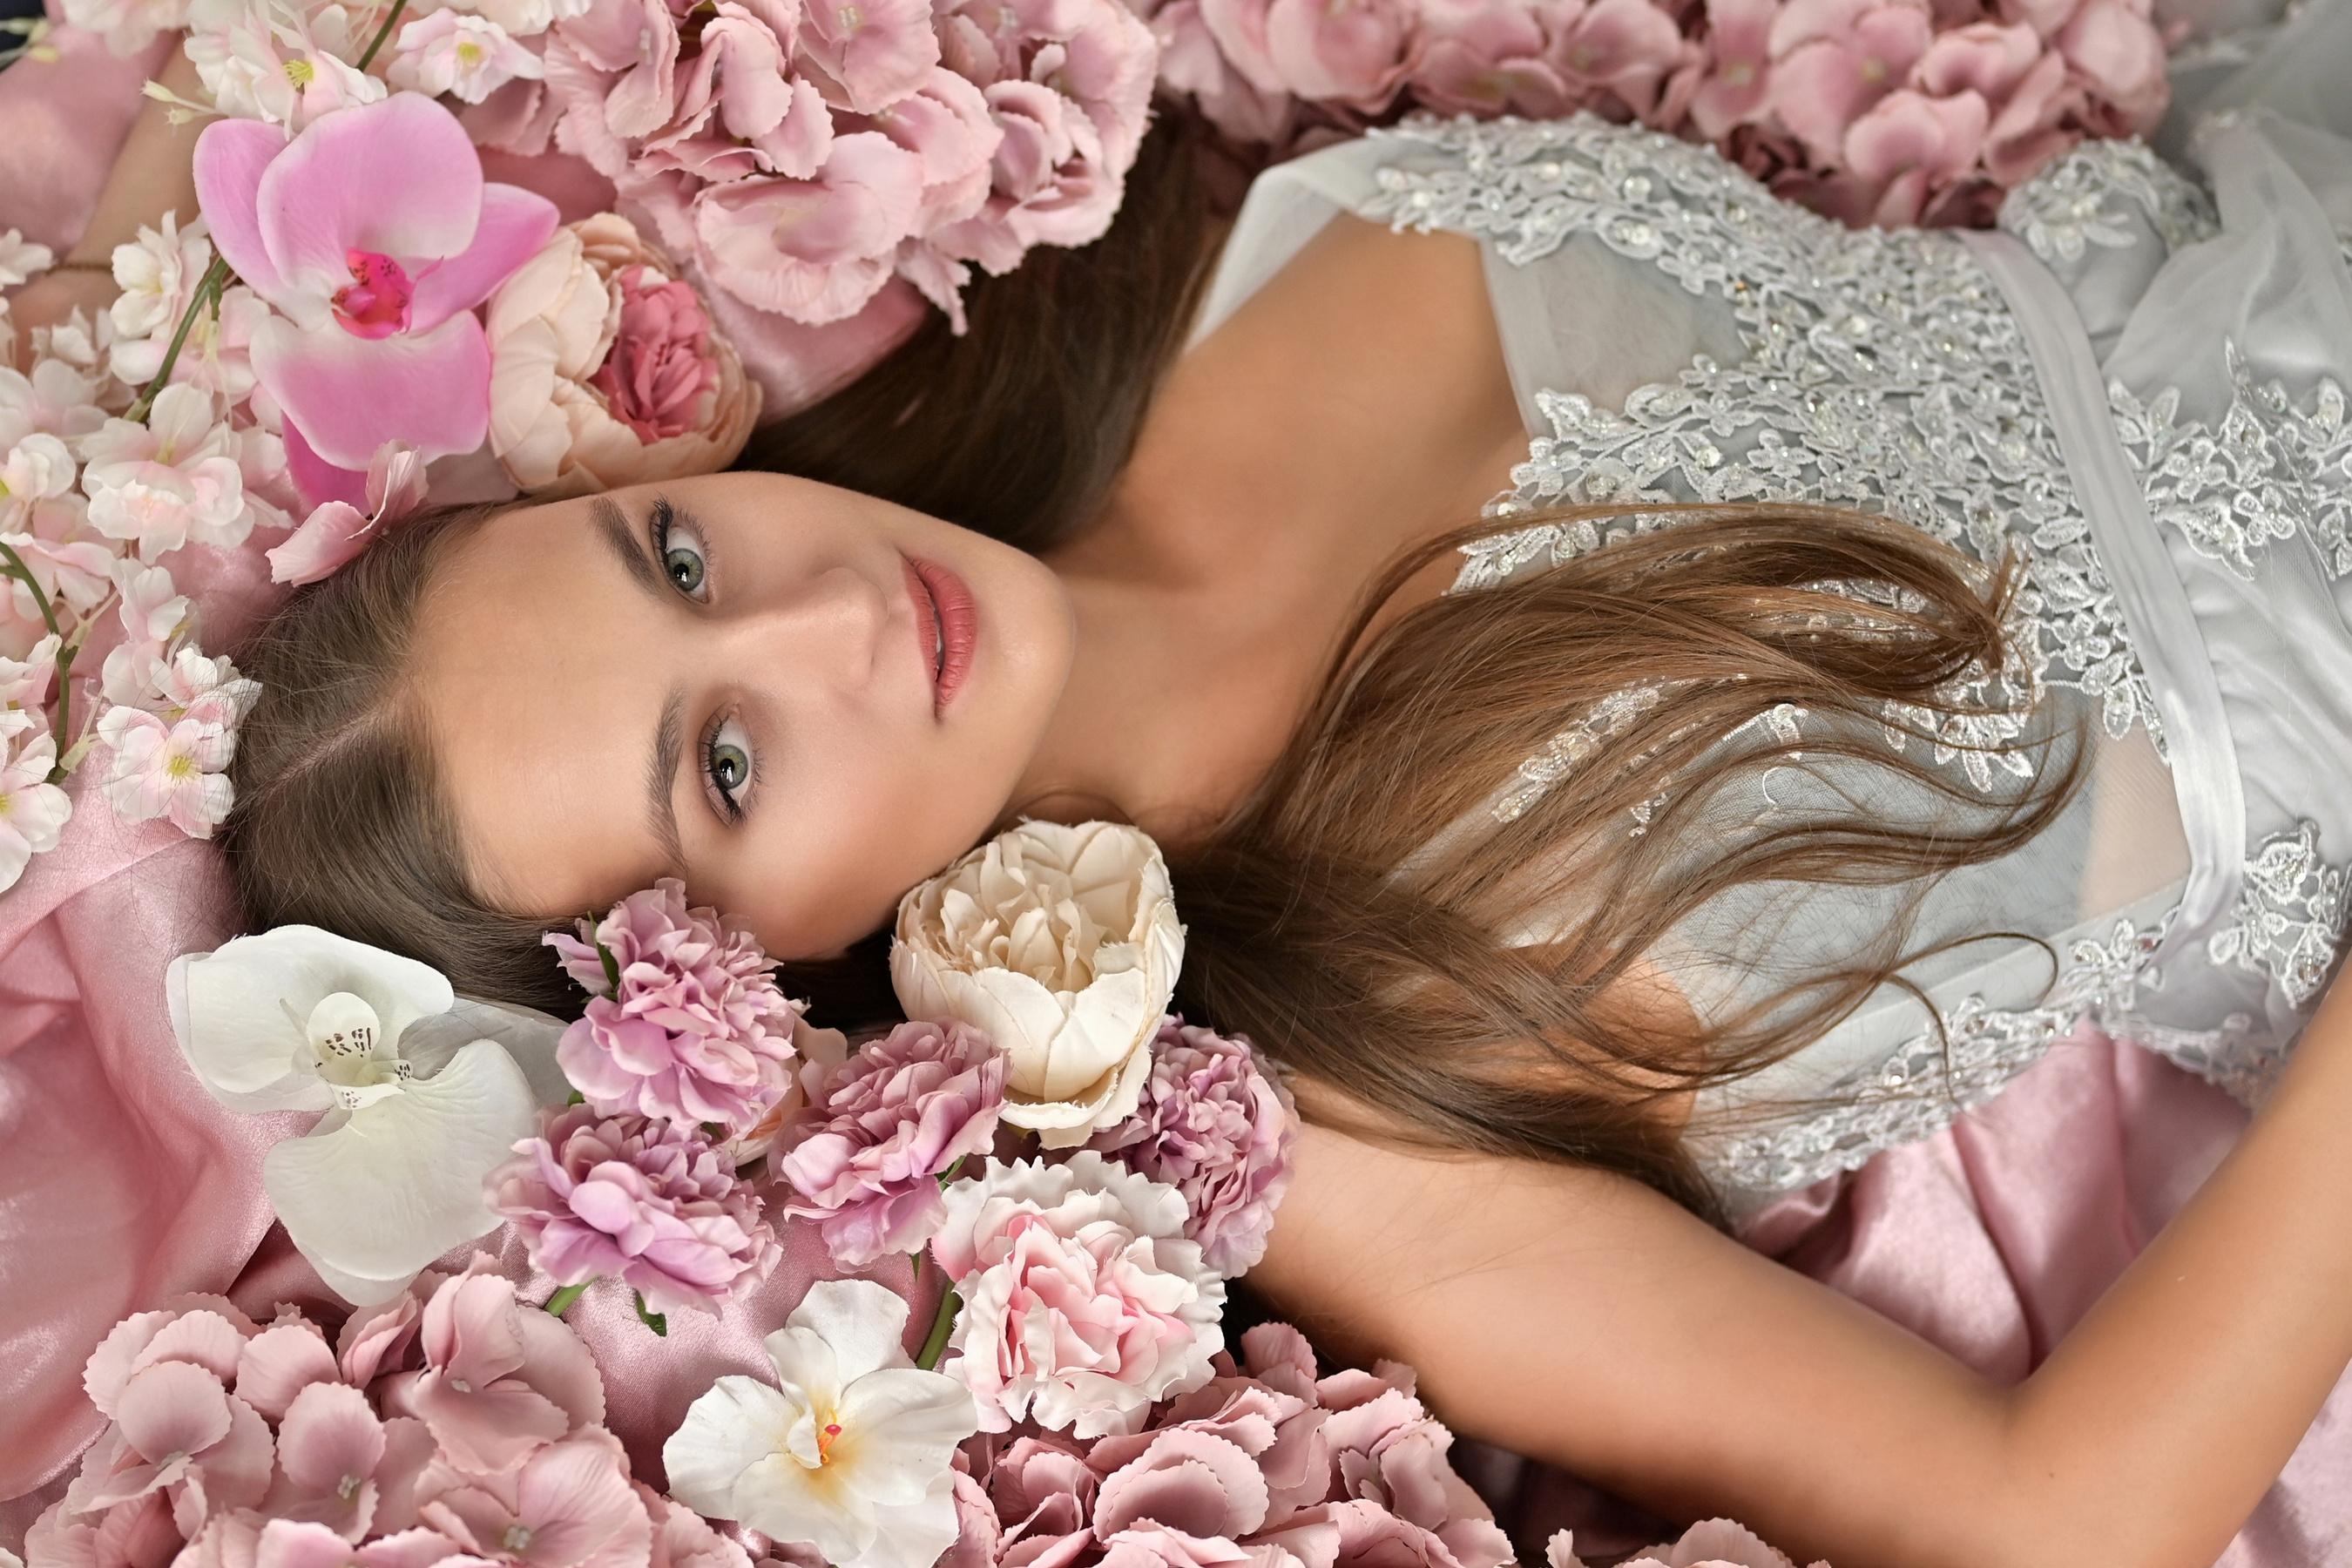 Skrivebordsbakgrunn Brunt hår kvinne orkide Unge kvinner Nelliker Blikk Orkideer ung kvinne nellikslekta ser